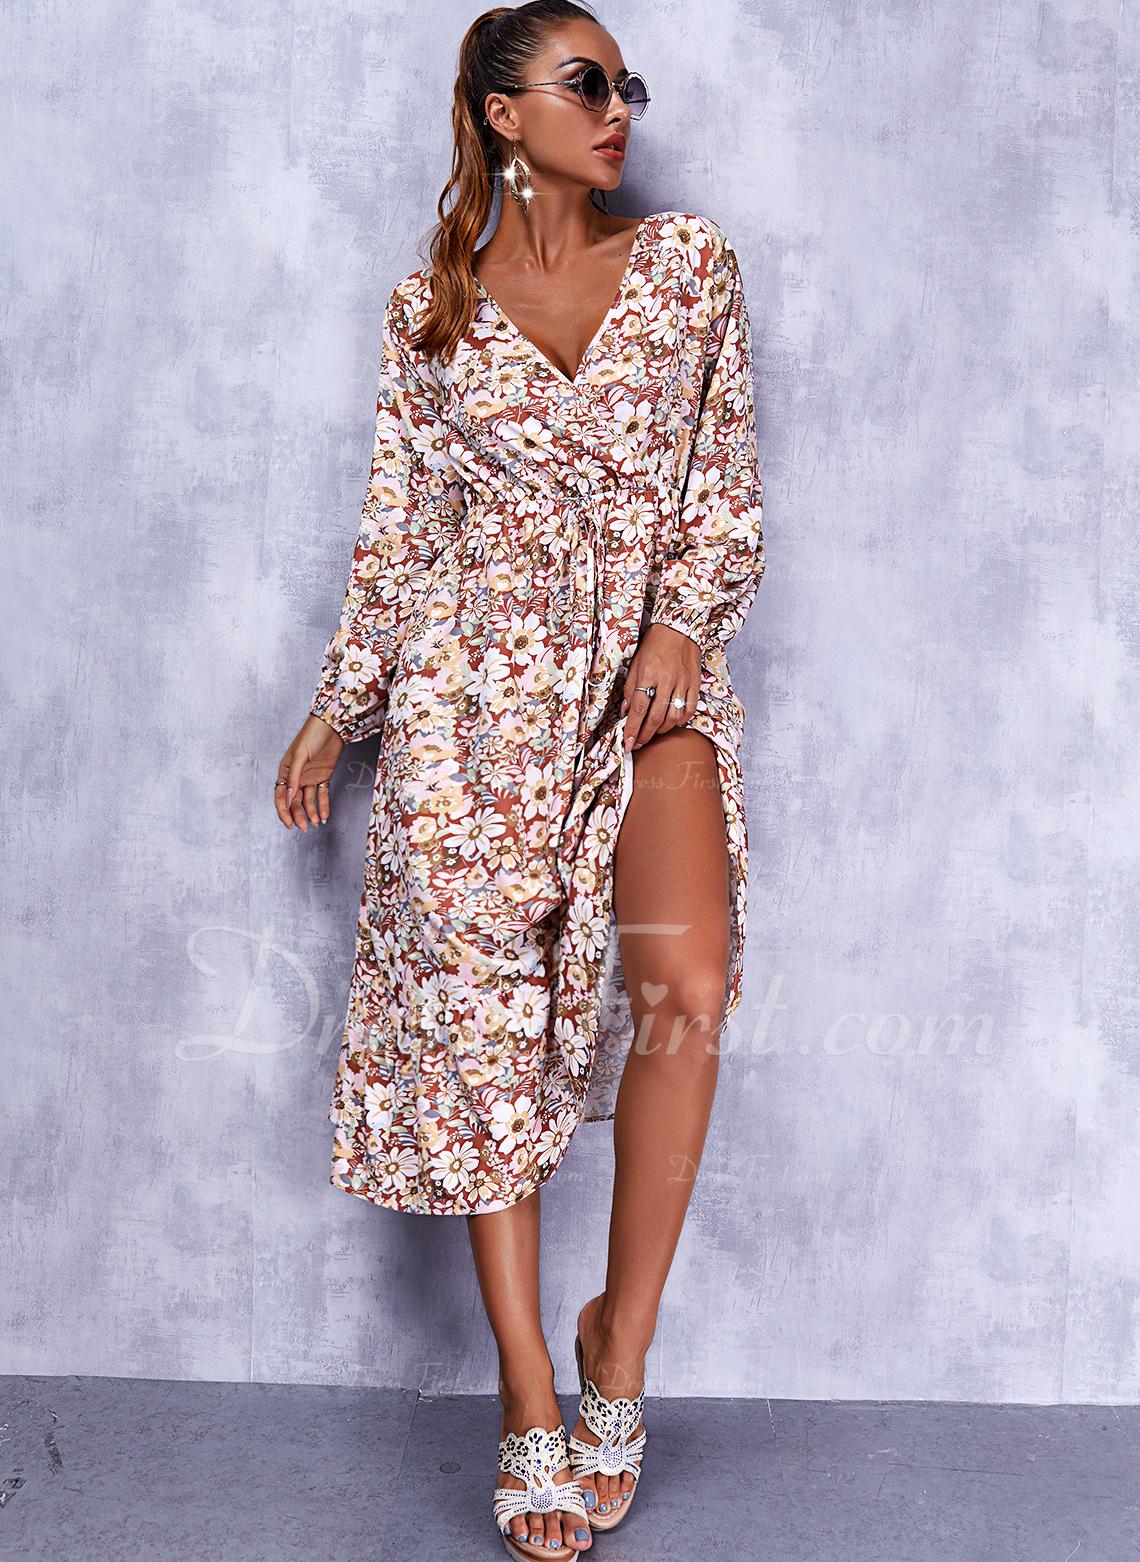 Blumen Druck A-Linien-Kleid Lange Ärmel Midi Lässige Kleidung Skater Modekleider